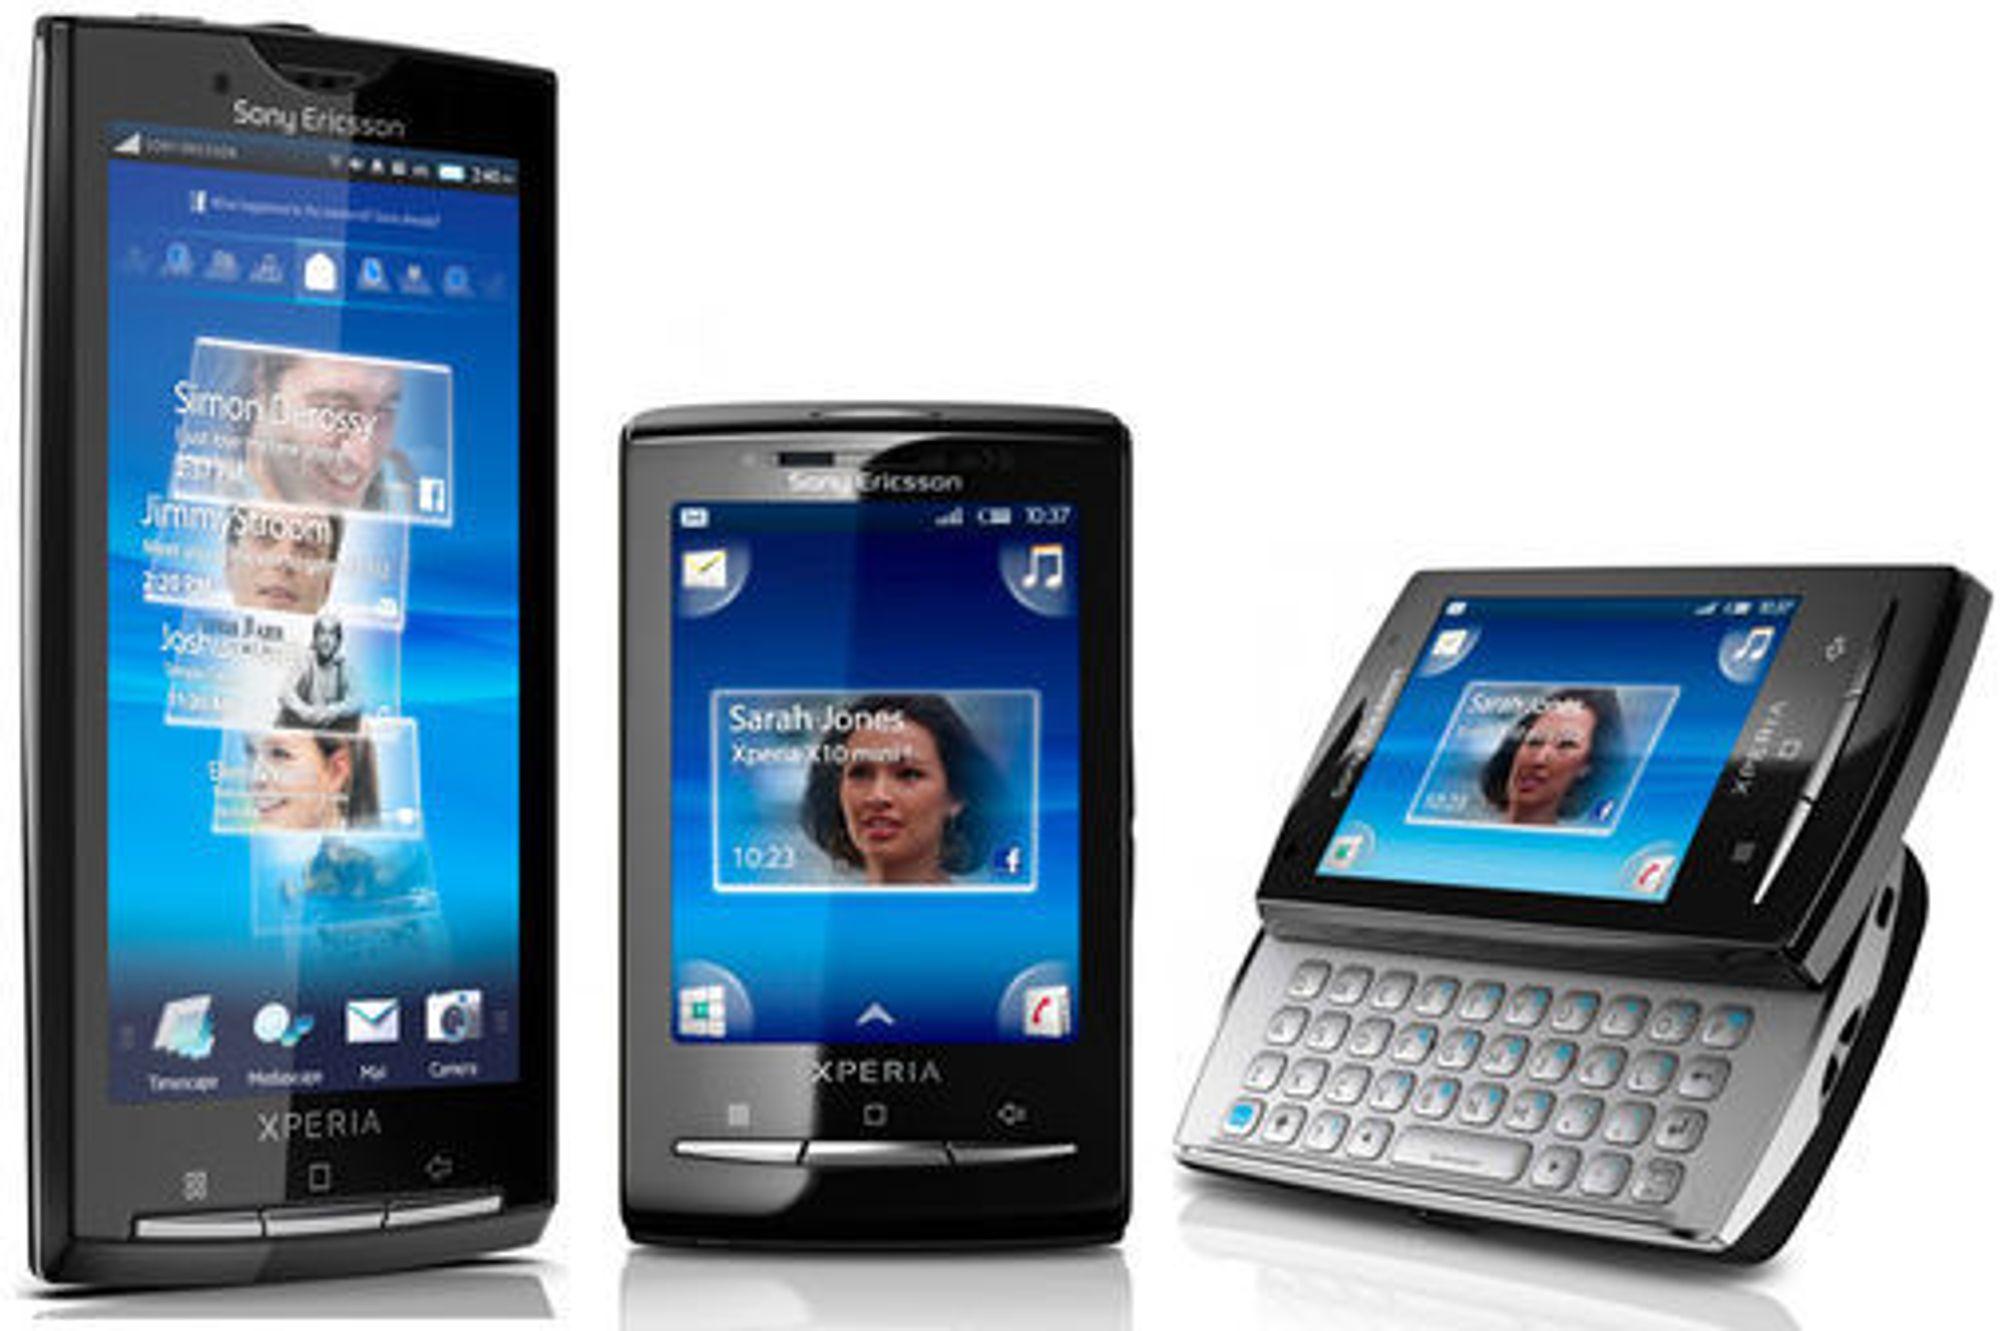 Sony Ericssons Xperia X10-familie med smartmobiler vil aldri få offisiell støtte for Android 2.2 eller nyere.